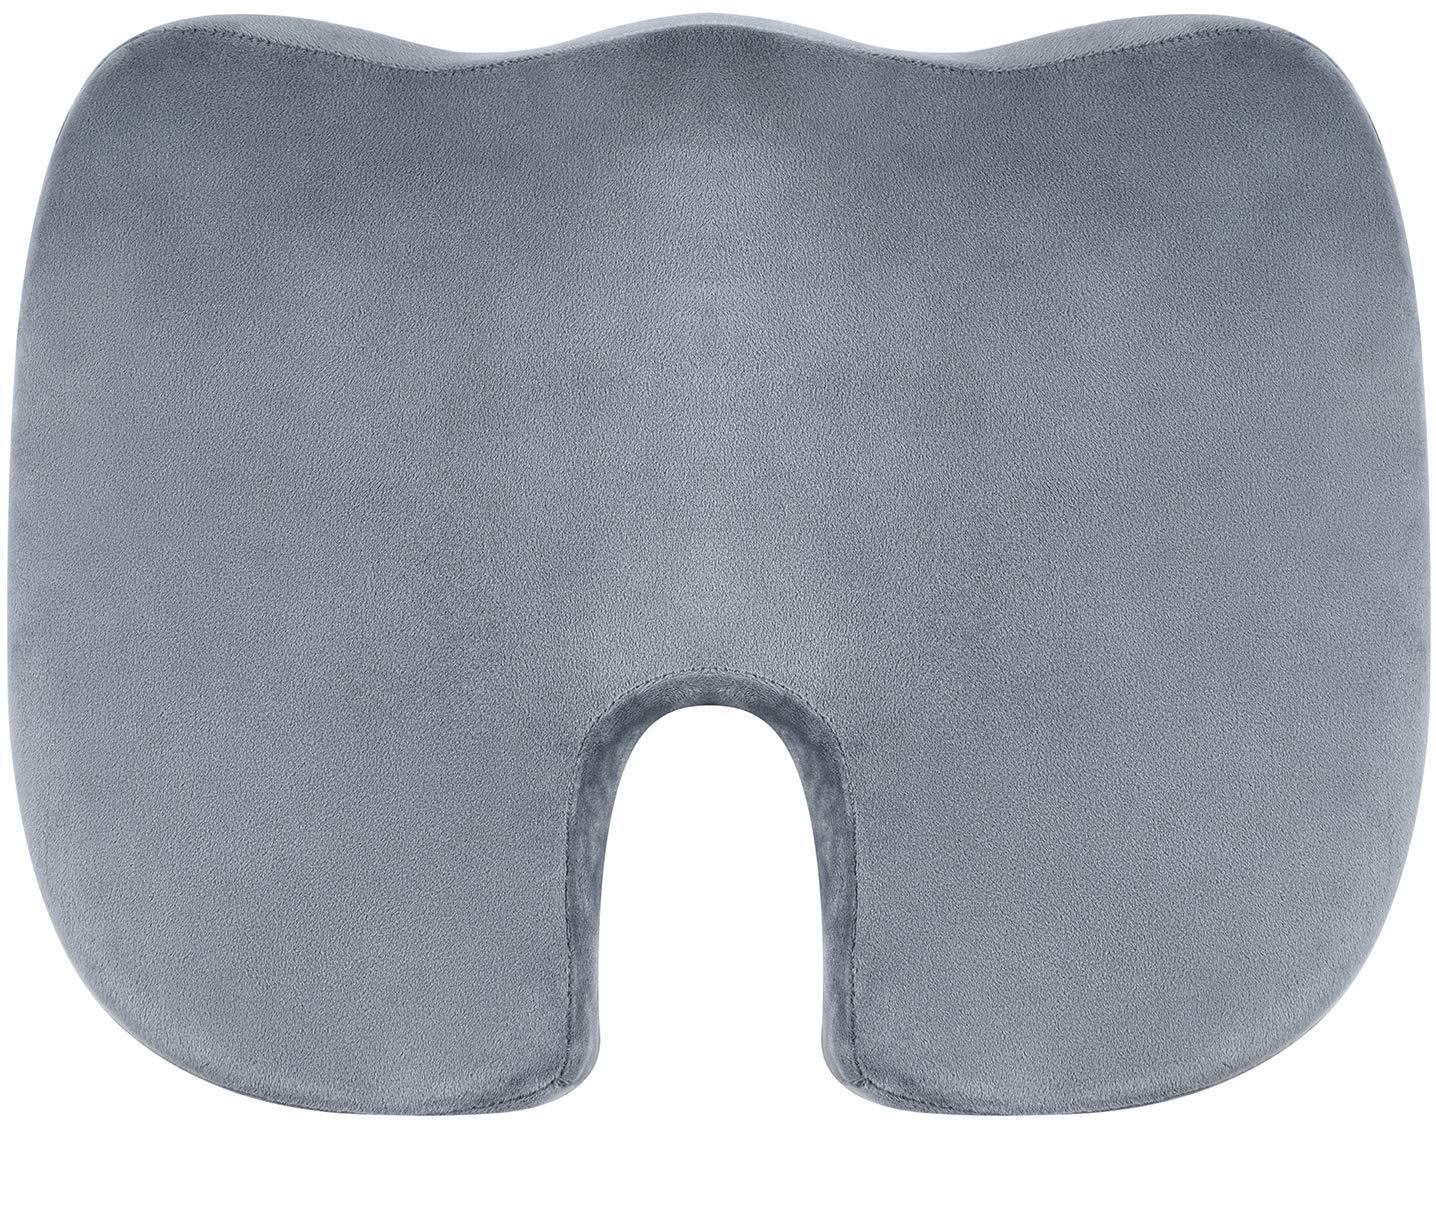 13-16 mm Xinrub 10pcs Collier de Serrage Clip /à Ressort Tuyau deau R/églable Double Clip de Tuyau Hoop plomberie